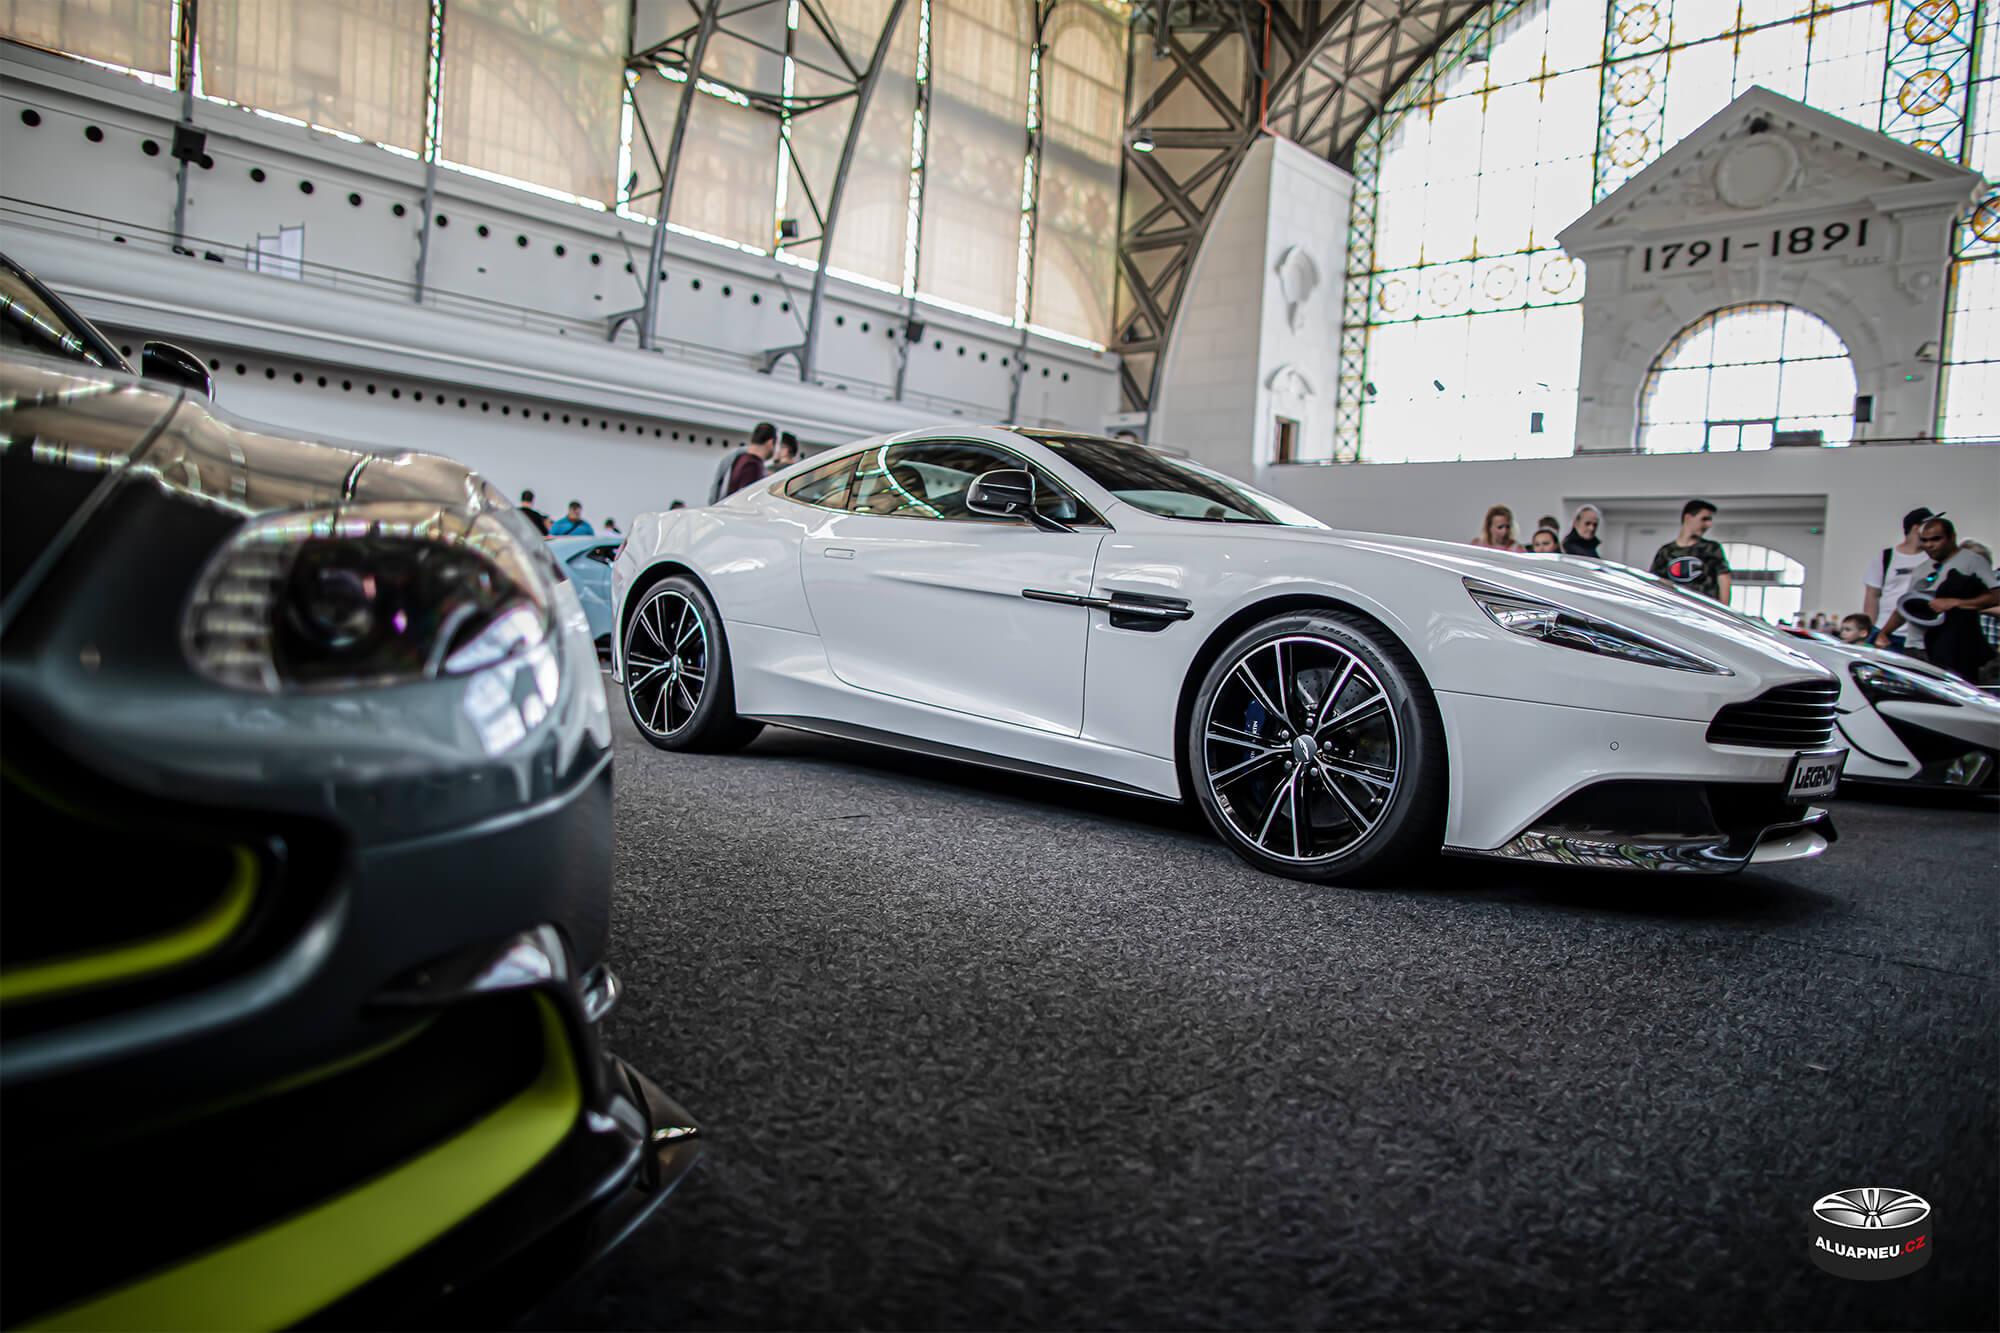 Elektrony Aston Martin - Automobilové Legendy 2019 - www.aluapneu.cz